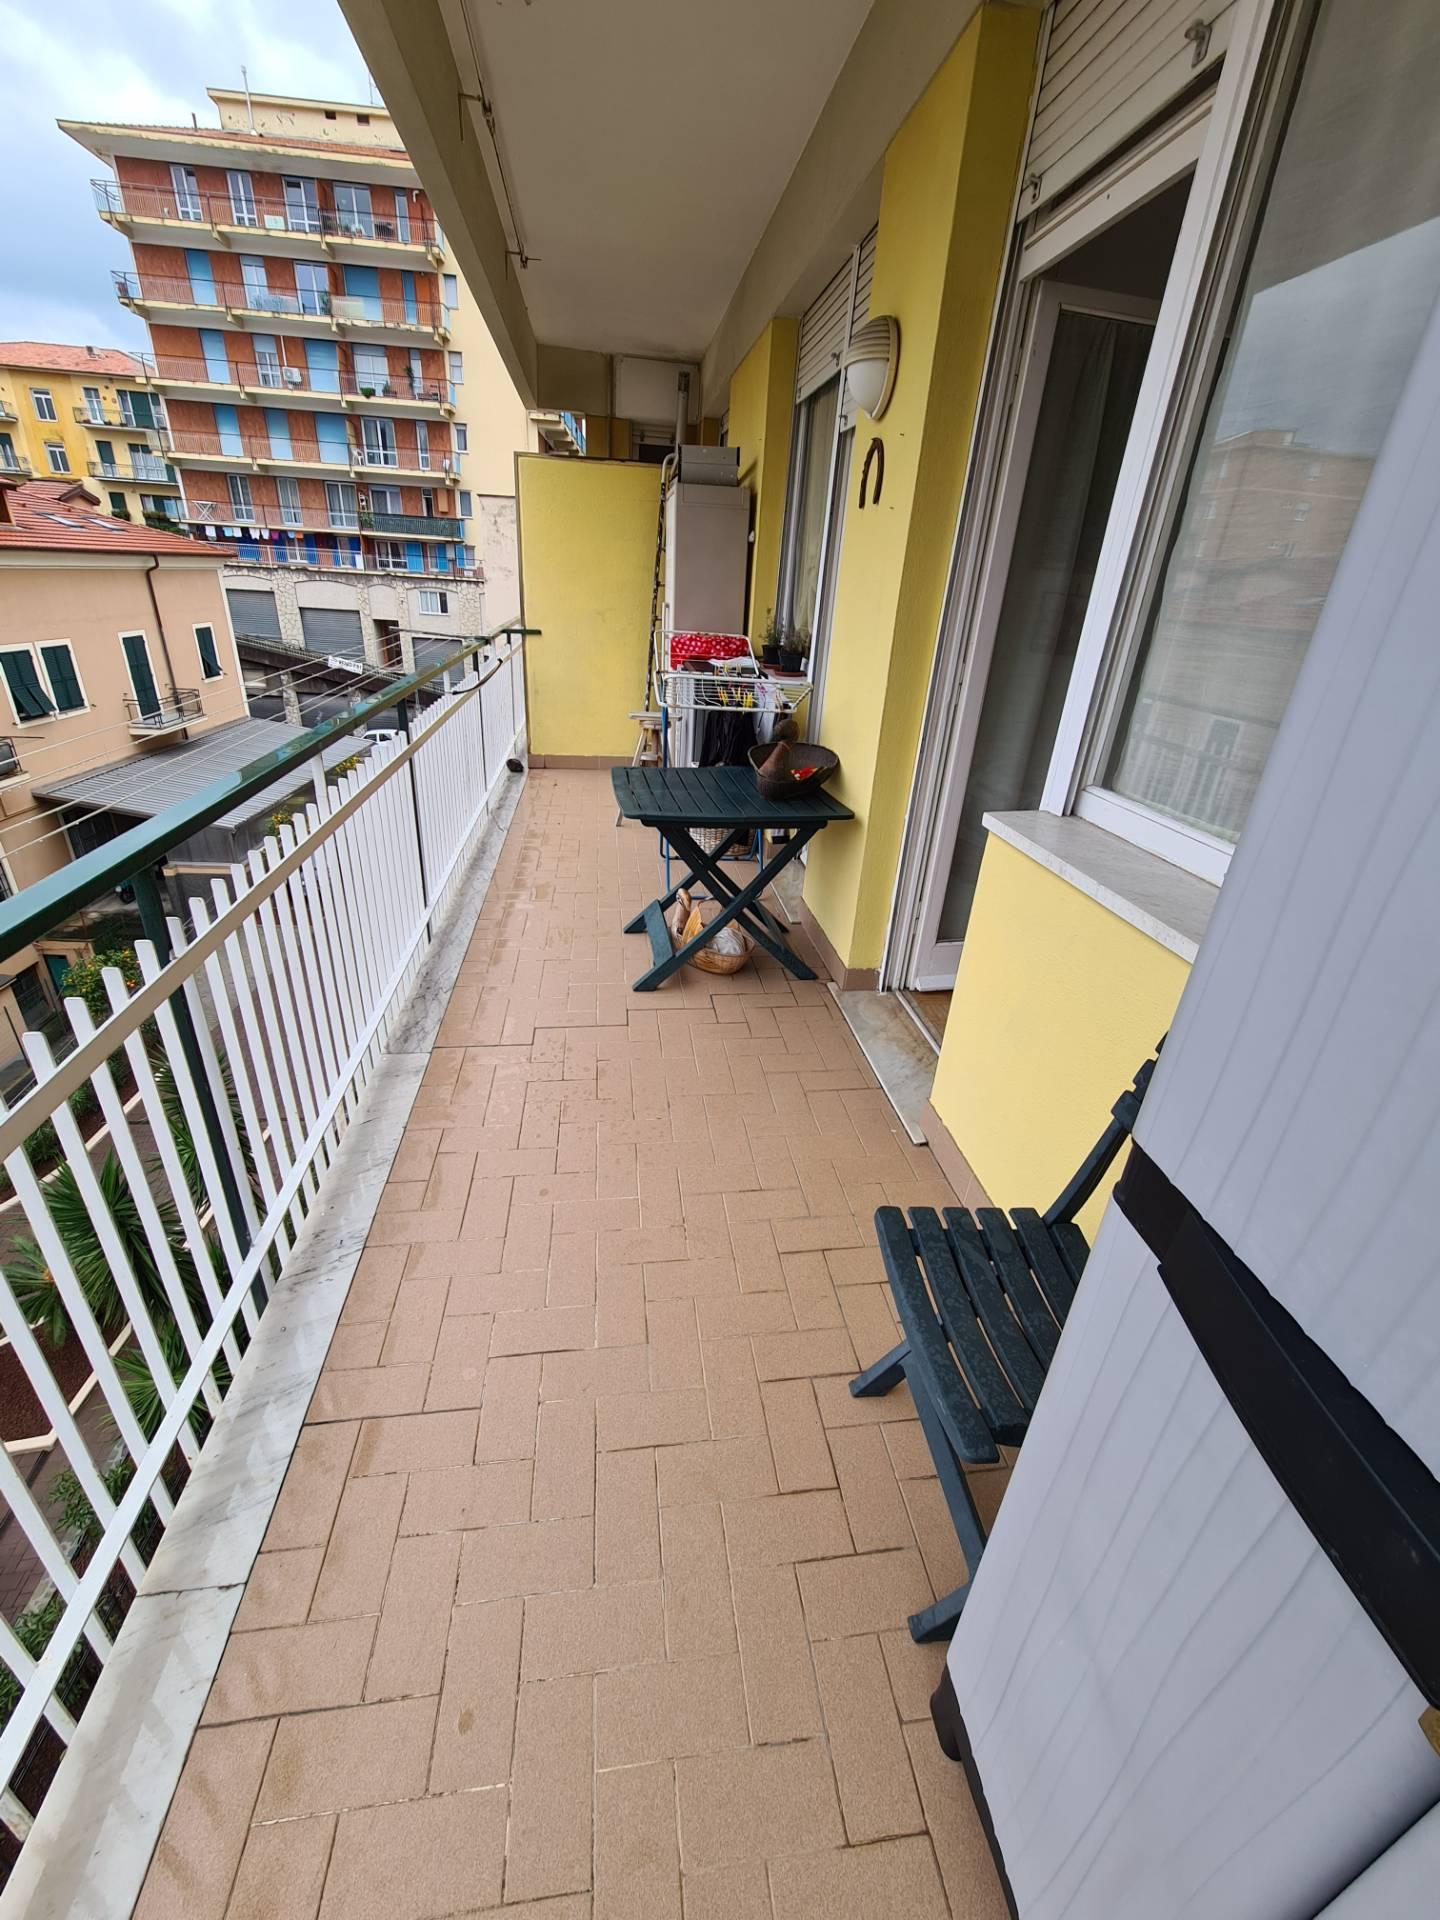 Appartamento in vendita a Chiavari, 6 locali, prezzo € 230.000 | PortaleAgenzieImmobiliari.it